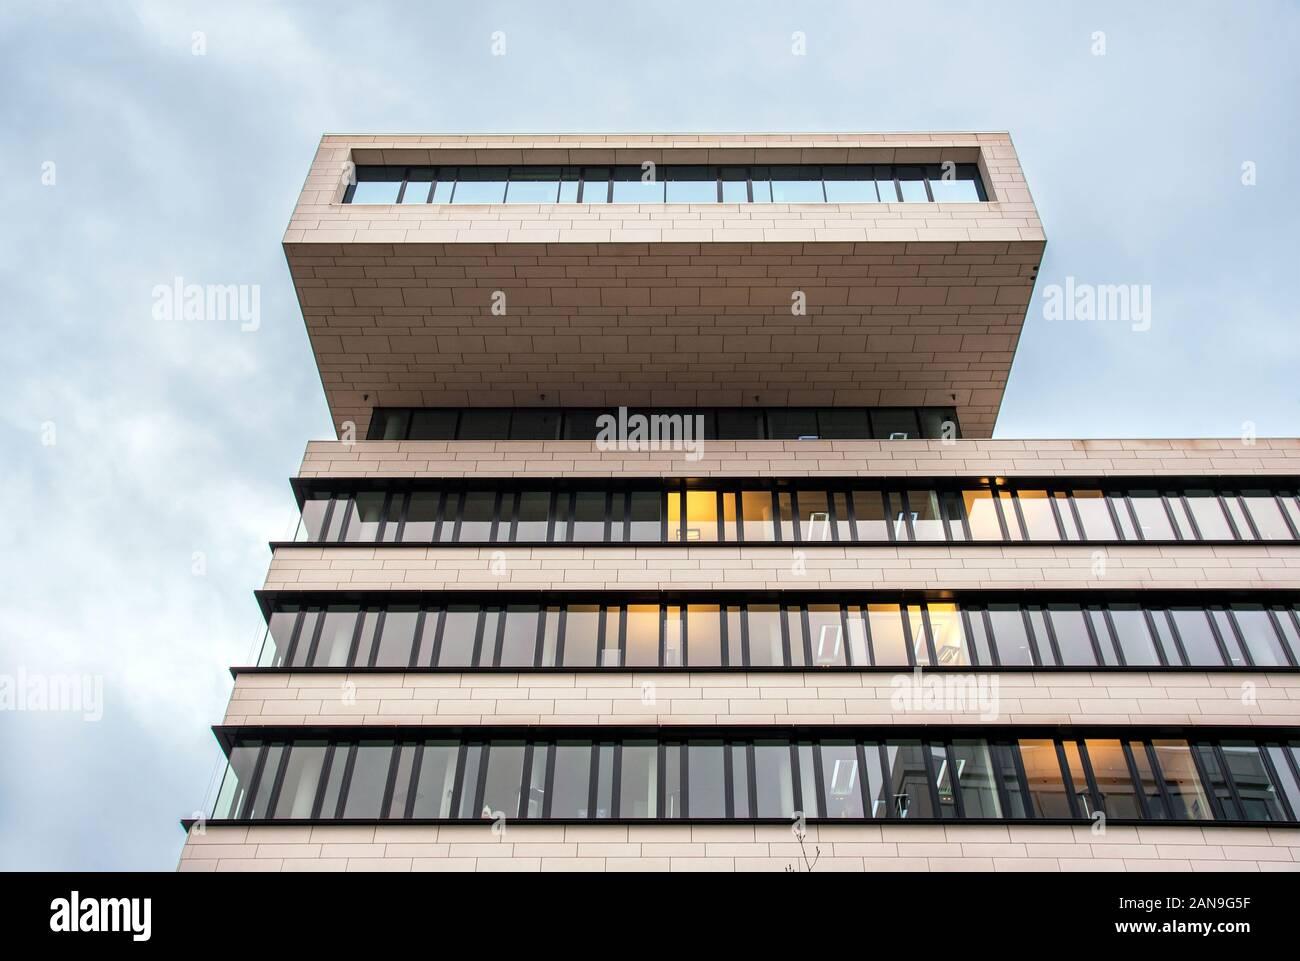 Architektur Design moderner Bürogebäude mit Balkon im obersten, von niedrigen Winkel gegen bewölkter Himmel gesehen Stockfoto